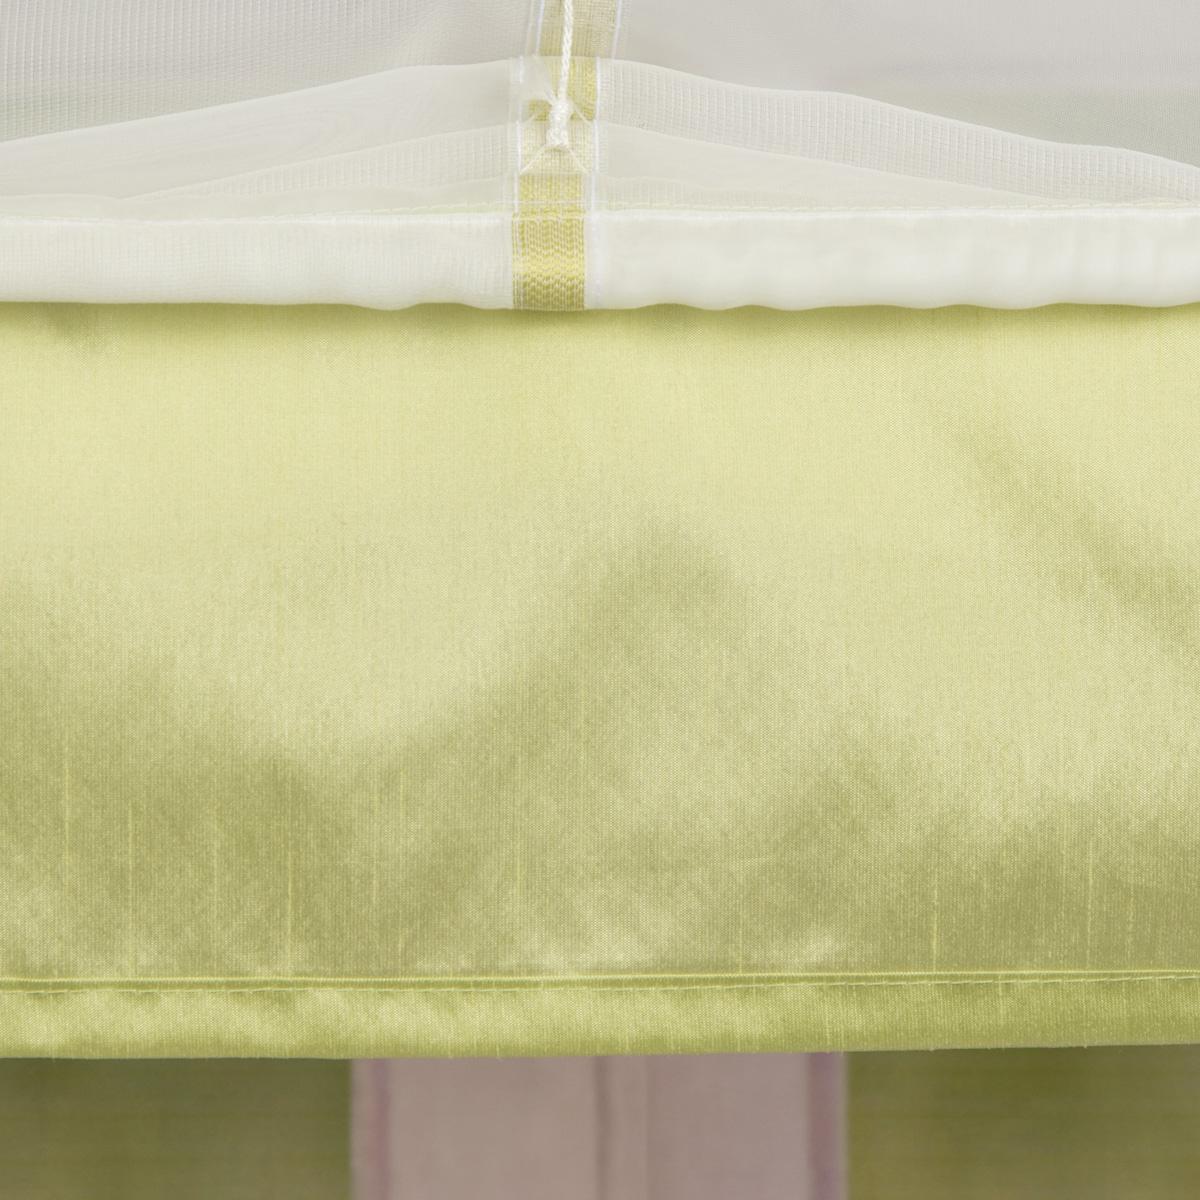 raffrollo rollo schlaufen wei transparent mit gr nen streifen 120x140cm gardinen fertiggardinen. Black Bedroom Furniture Sets. Home Design Ideas